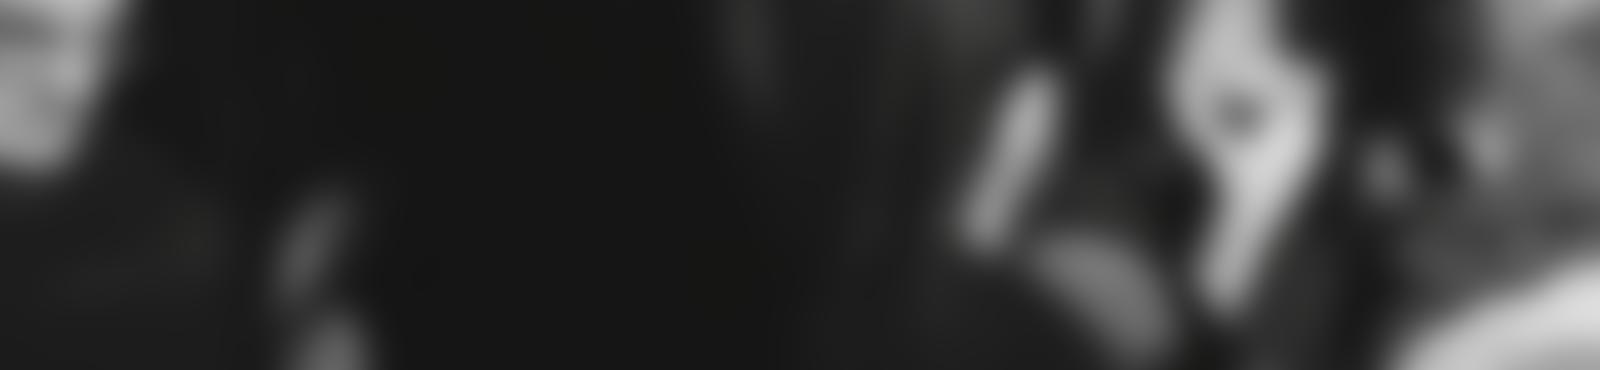 Blurred e17a16b5 dacd 46f1 8078 bfadde9b5624